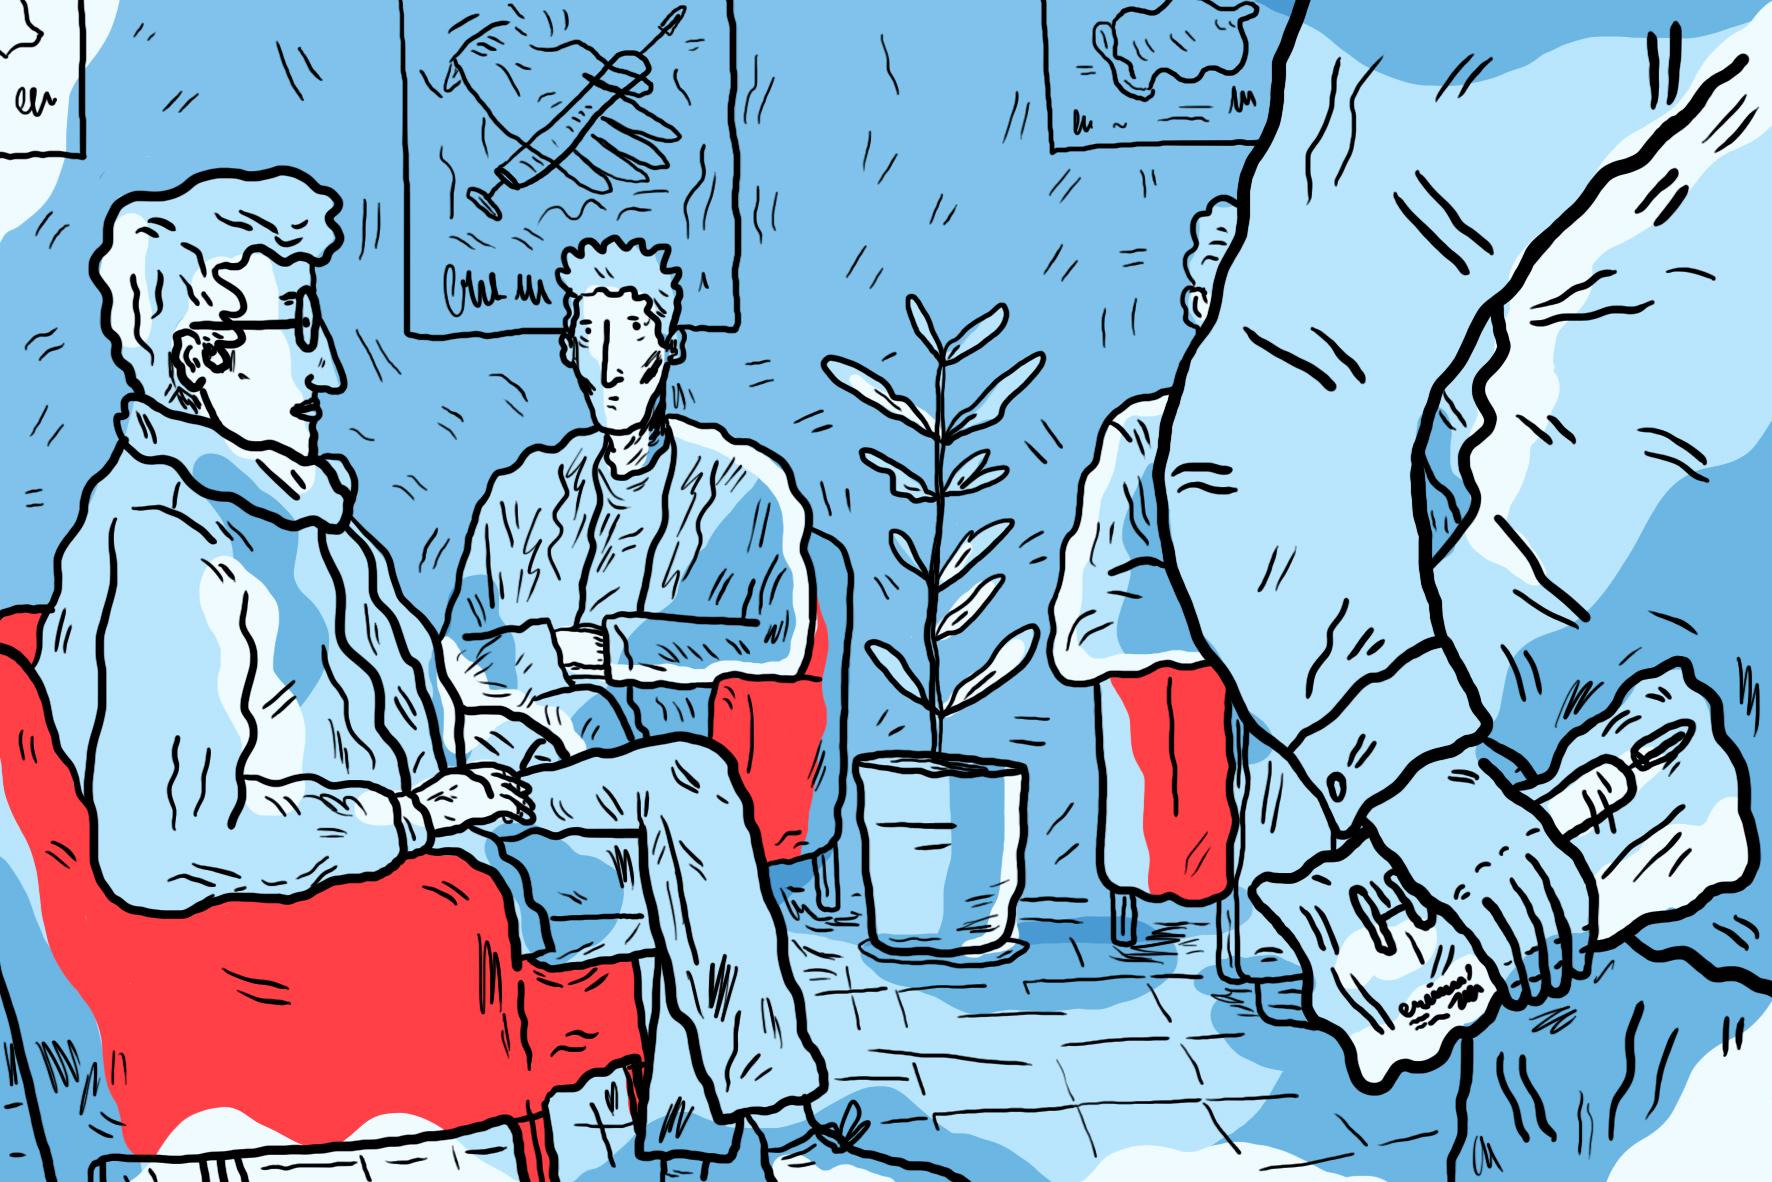 Faire Des Rencontres Sur Internet Baise Dans La Paille